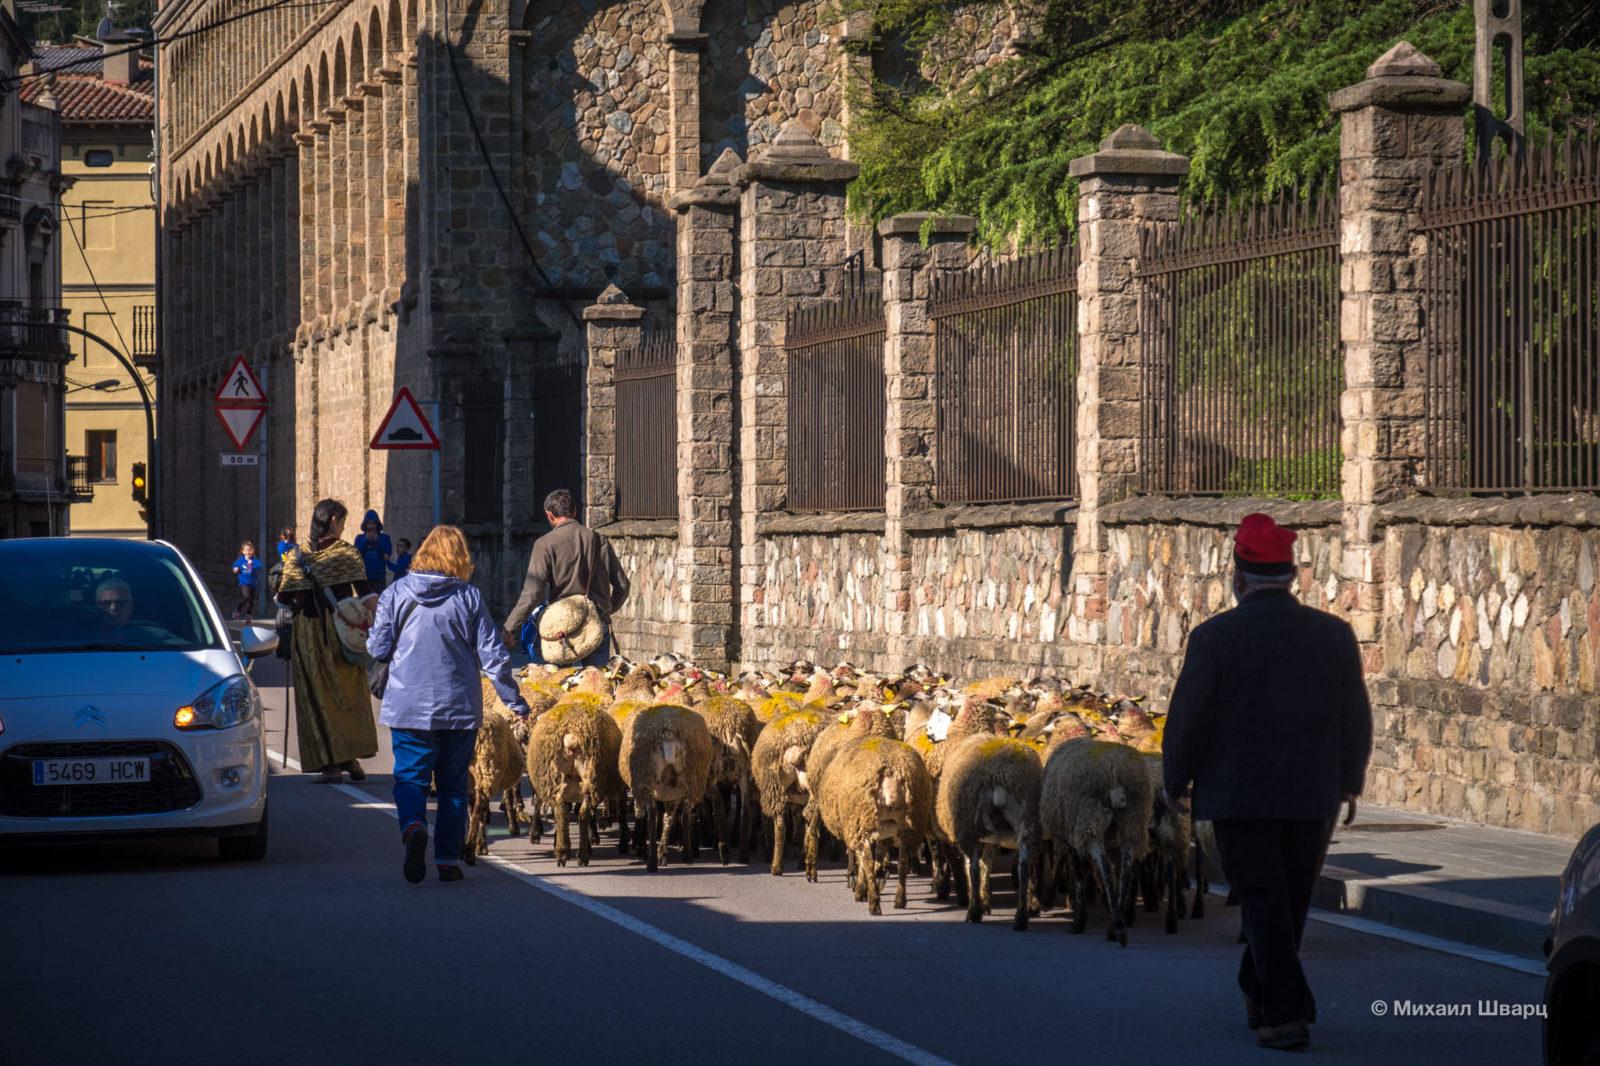 Ведут овец на фестиваль